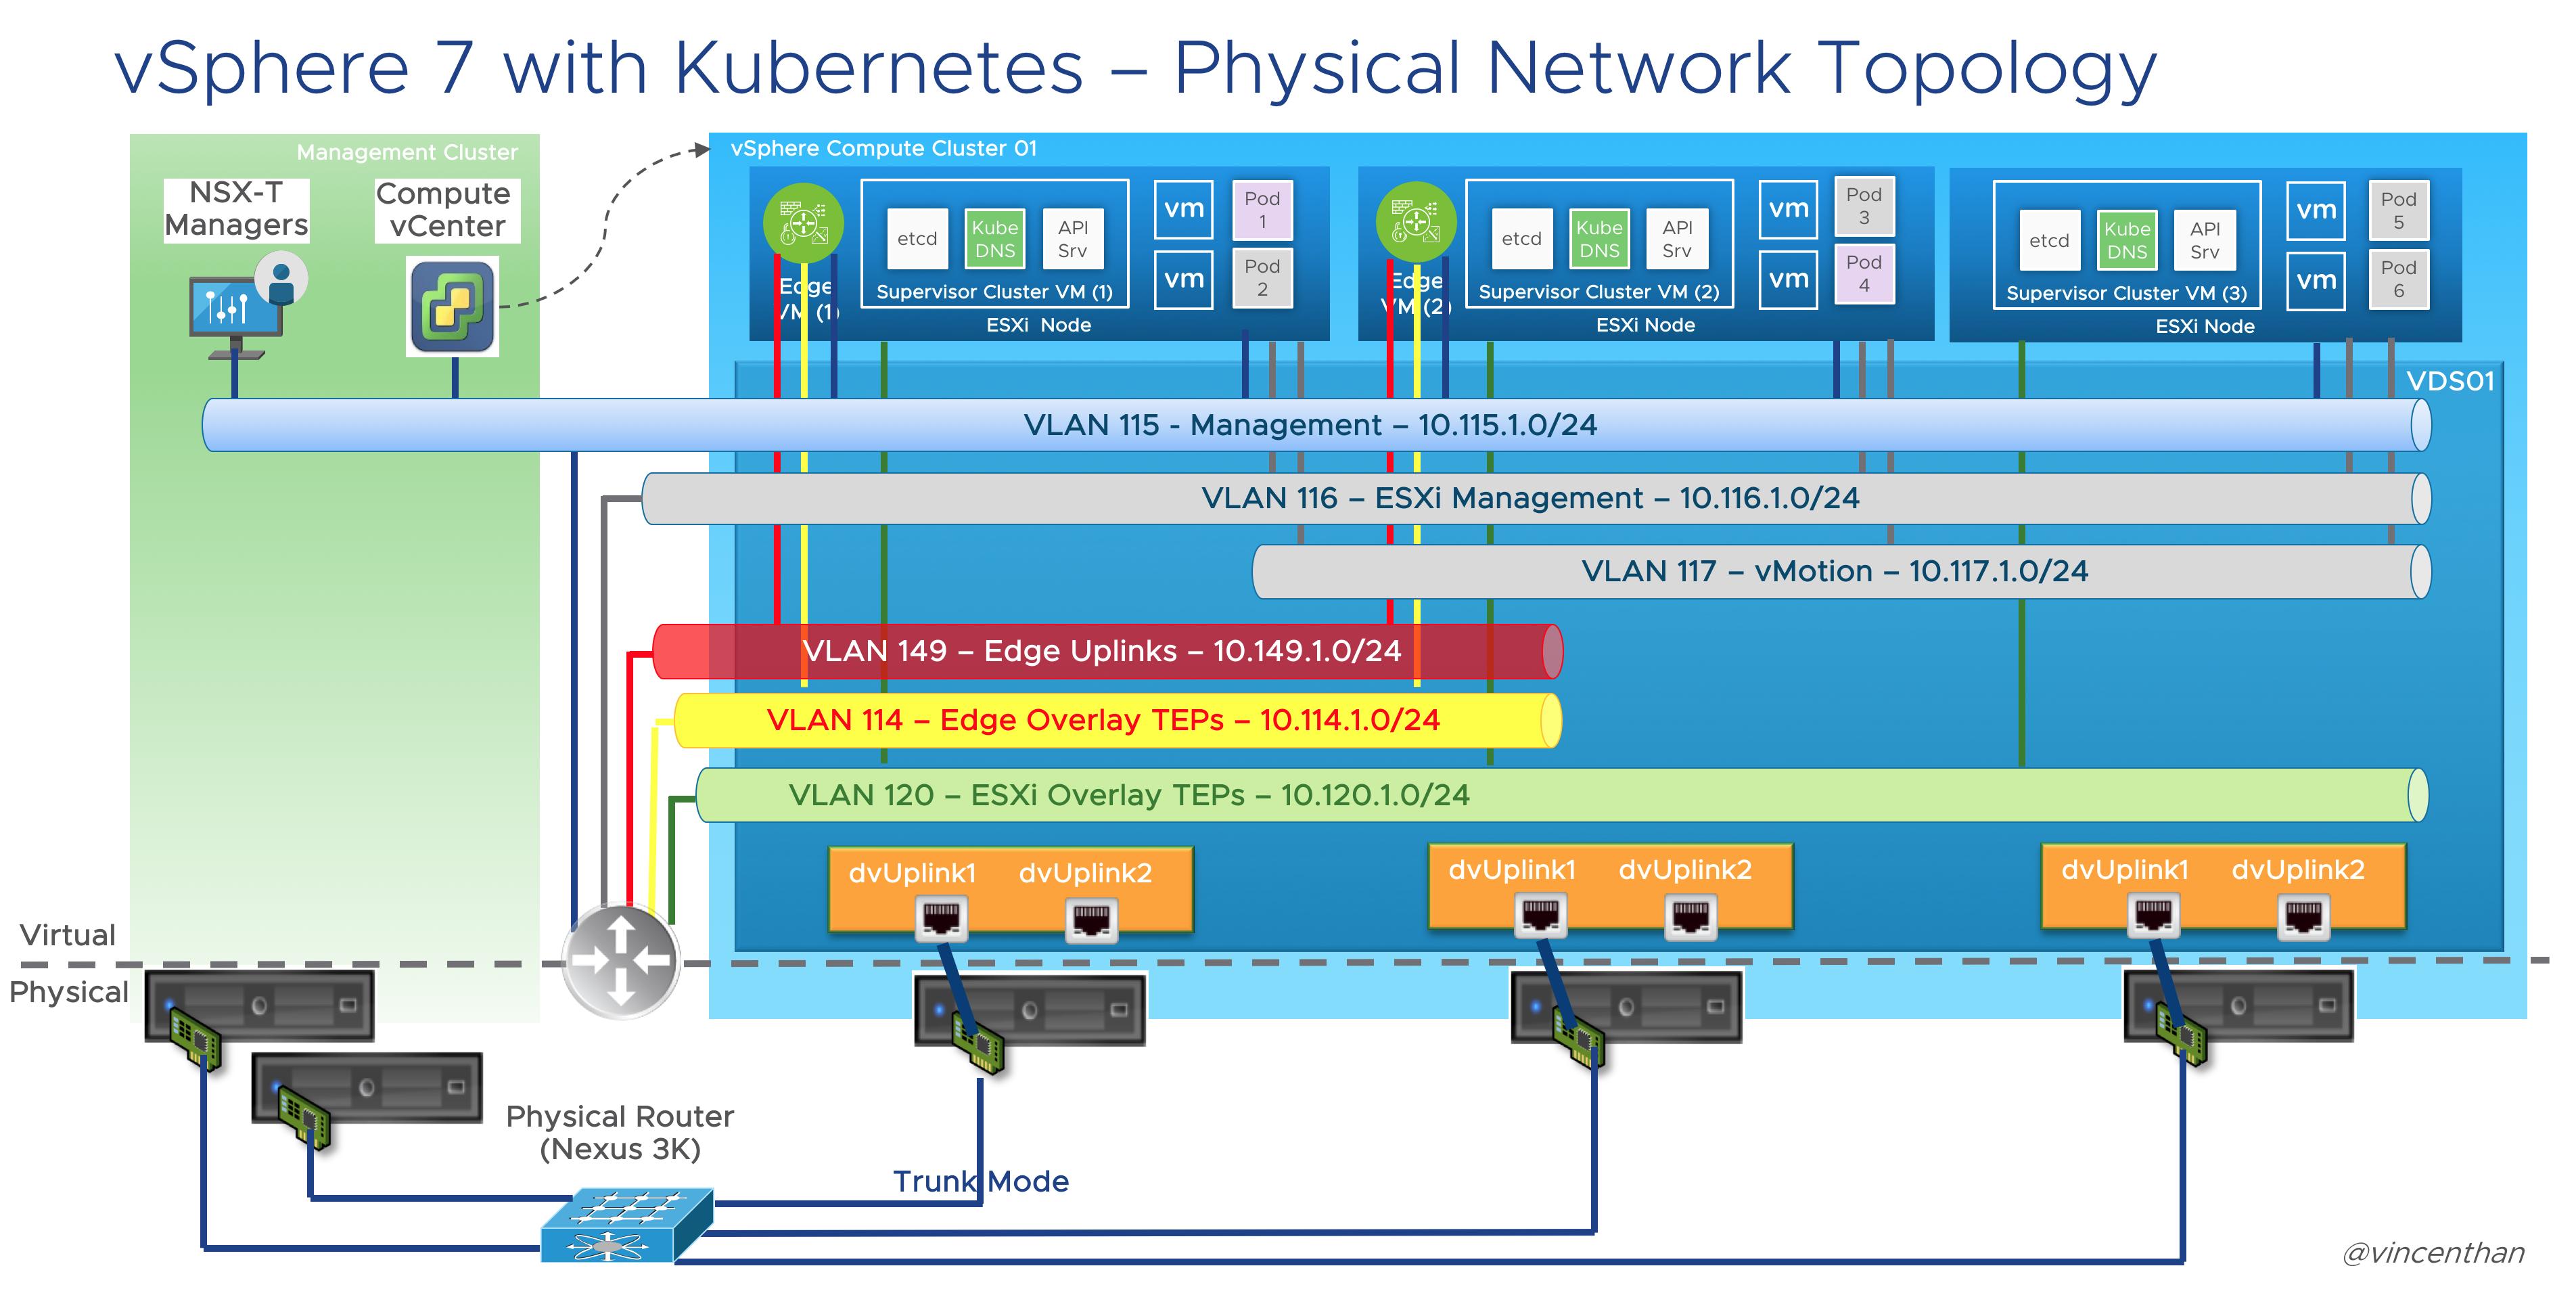 vSphere on Kubernetes Physical Network Digram v1